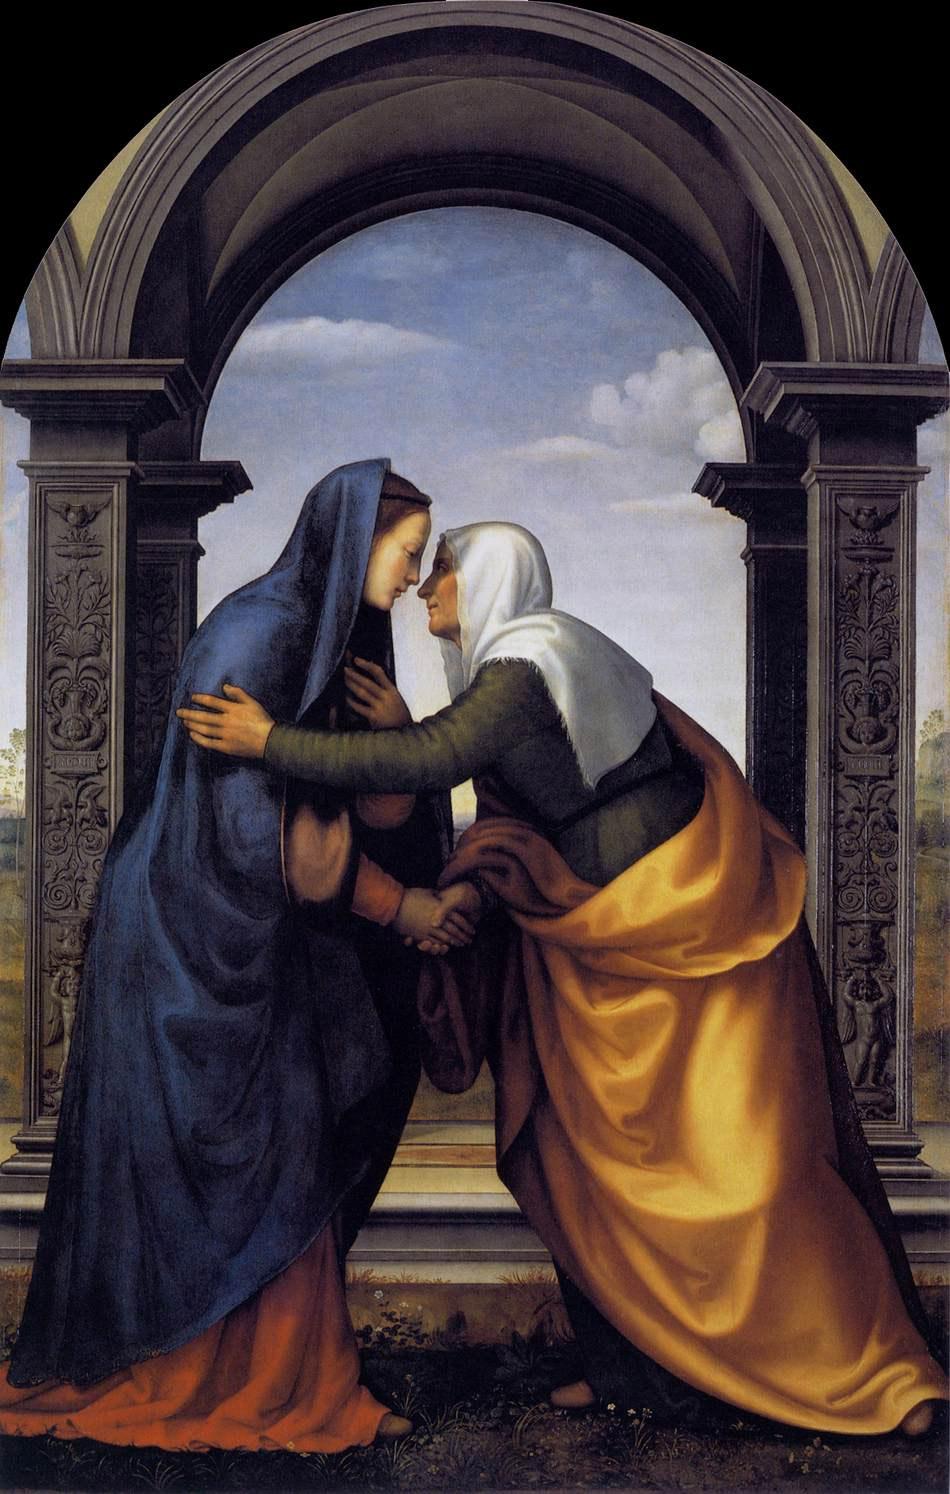 Встреча Марии и Елизаветы. Мариотто Альбертинелли, 1503. Масло